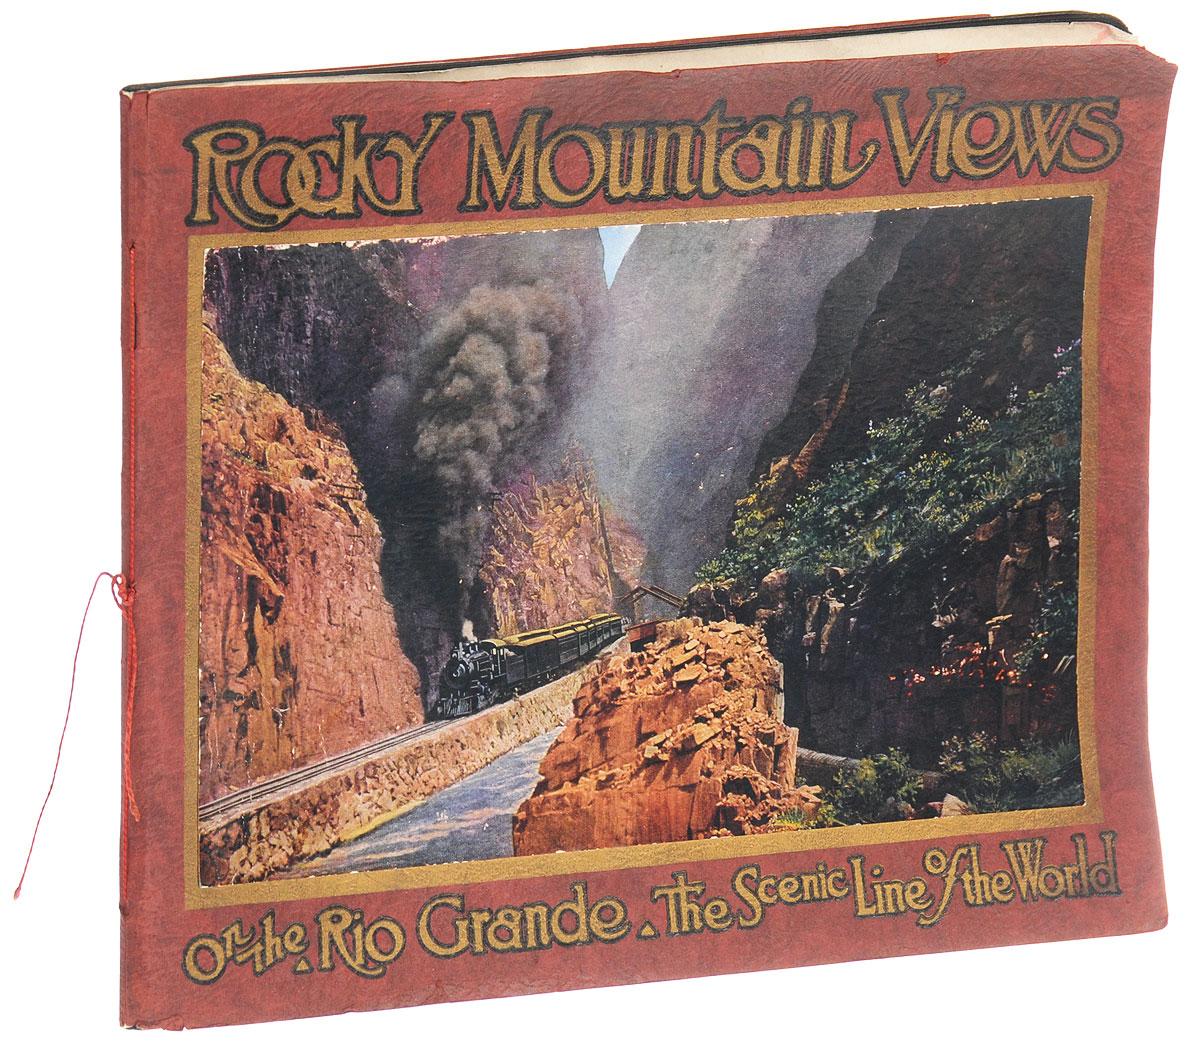 Rocky Mountain views. On the Rio Grande, Scenic Line of the WorldART-3116310Денвер, 1917 год. Издательство The Smith-Brooks printing company. Типографская обложка. Сохранность хорошая. Роки-Маунтин - национальный парк США, находится к северо-западу от Боулдер в Колорадо. Он известен своими видами на Скалистые горы, а также своей фауной и флорой. Живописные ландшафты Скалистых гор завораживают и манят своей красотой. Тот, кто действительно любит горы, никогда не сможет удержаться при виде восхитительных горных пейзажей, кристально чистых рек и озер. Вниманию читателей предлагается альбом, в котором собраны 23 цветные фотографии с видами Скалистых гор в Роки-Маунтин. Не подлежит вывозу за пределы Российской Федерации.